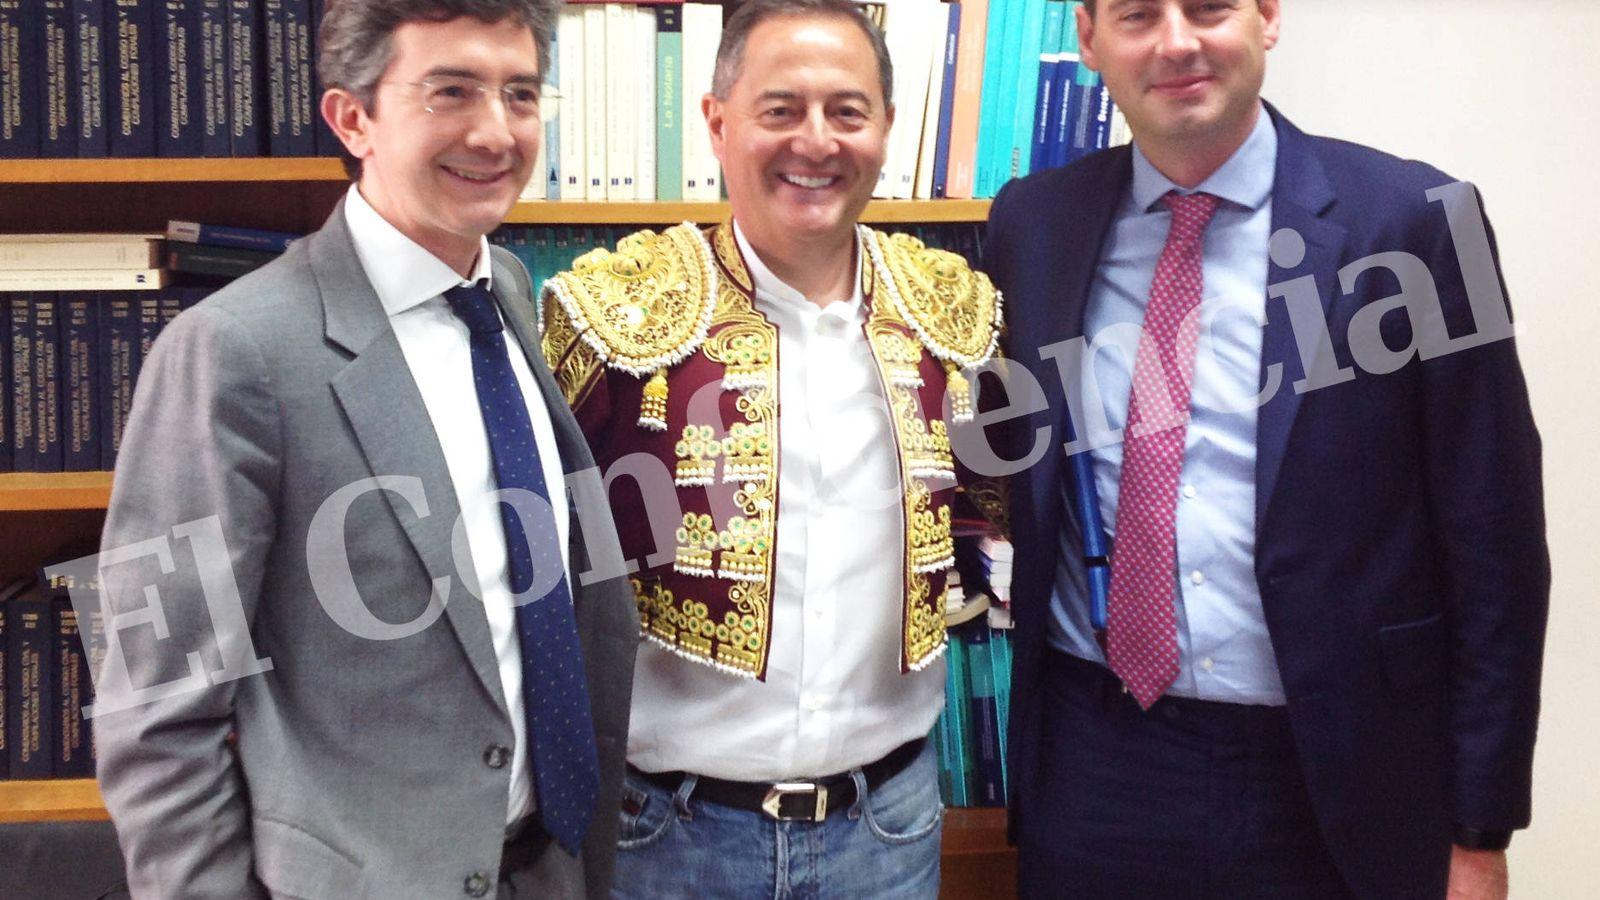 Foto: De izquierda a derecha: Laurent Fischler (Wanda), Trinitario Casanova (Baraka) y Maurice Kelly (JLL), tras firmar la compra.